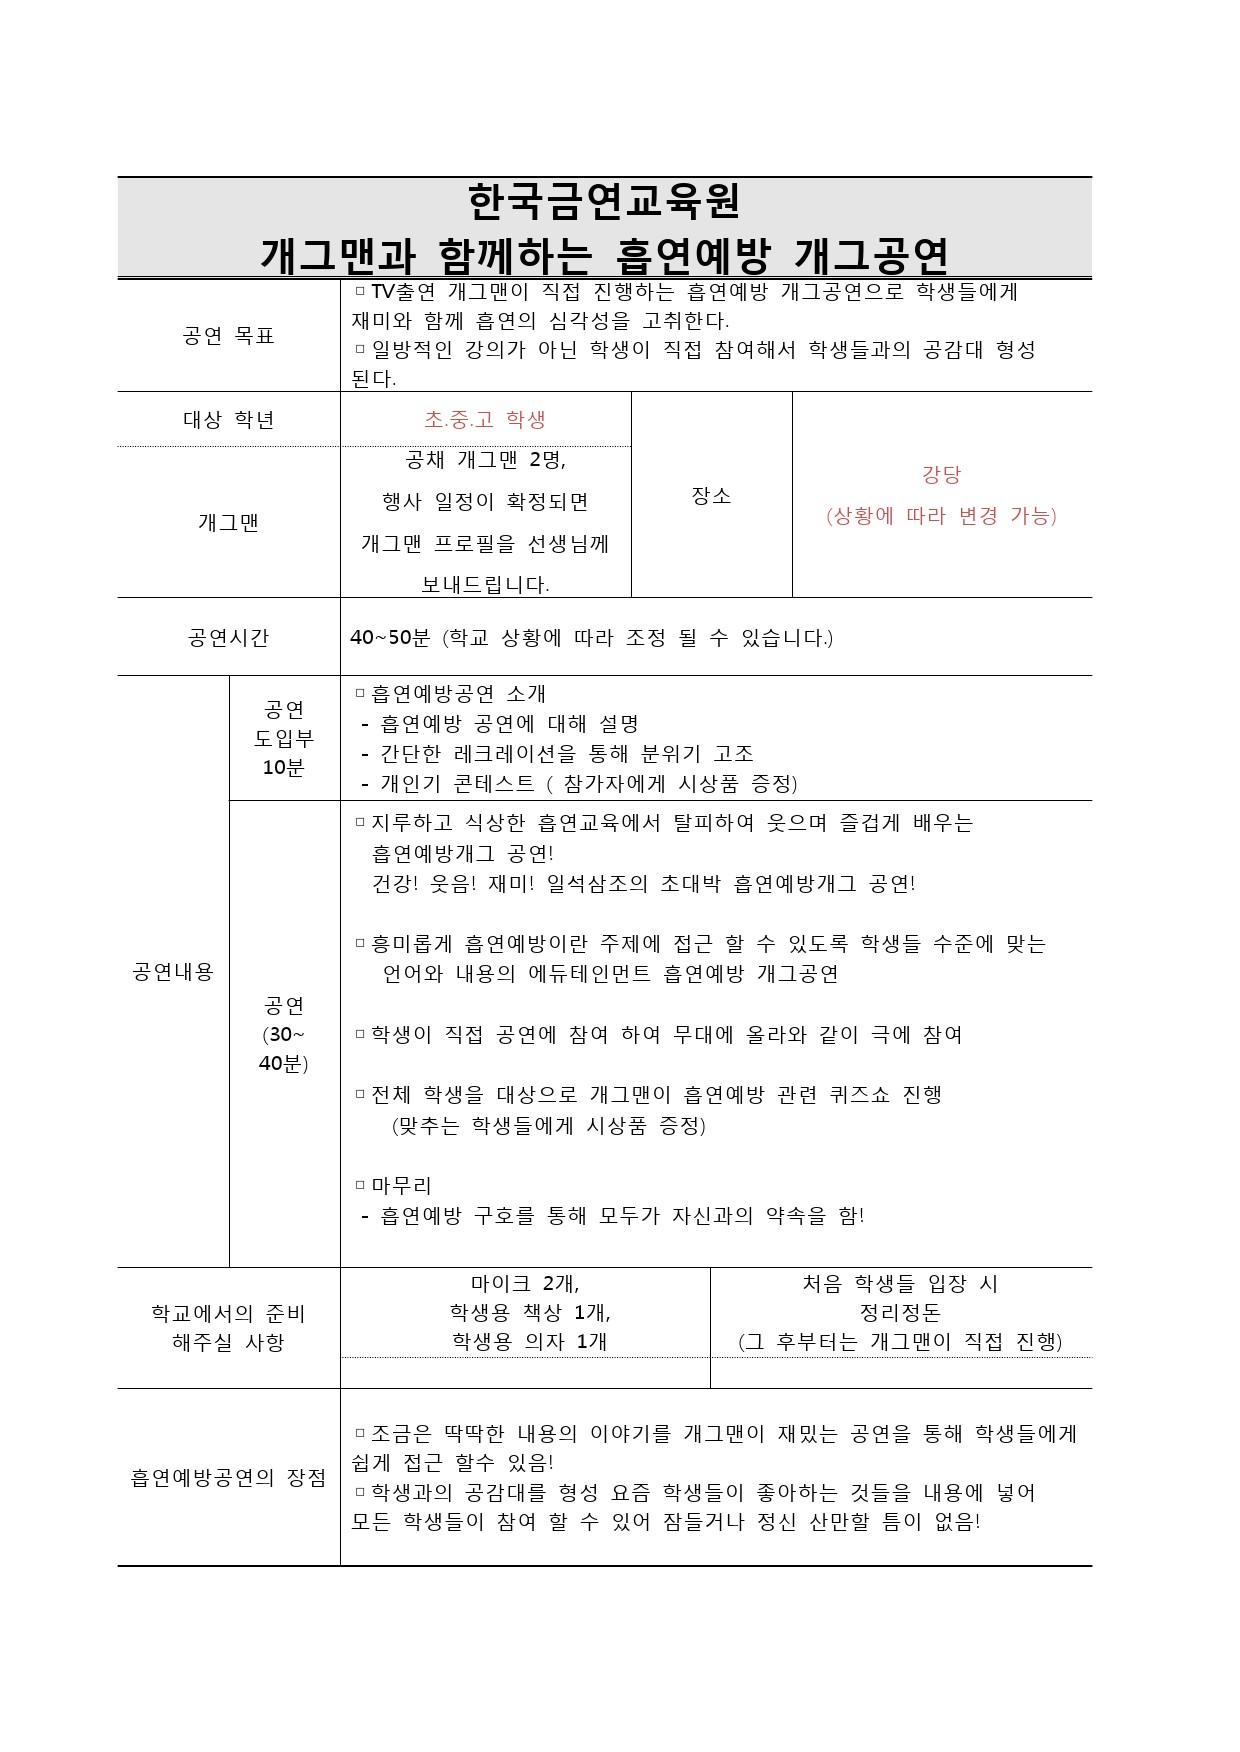 2017년 개그맨이진행하는 흡연예방개그공연 세부계획-1.jpg